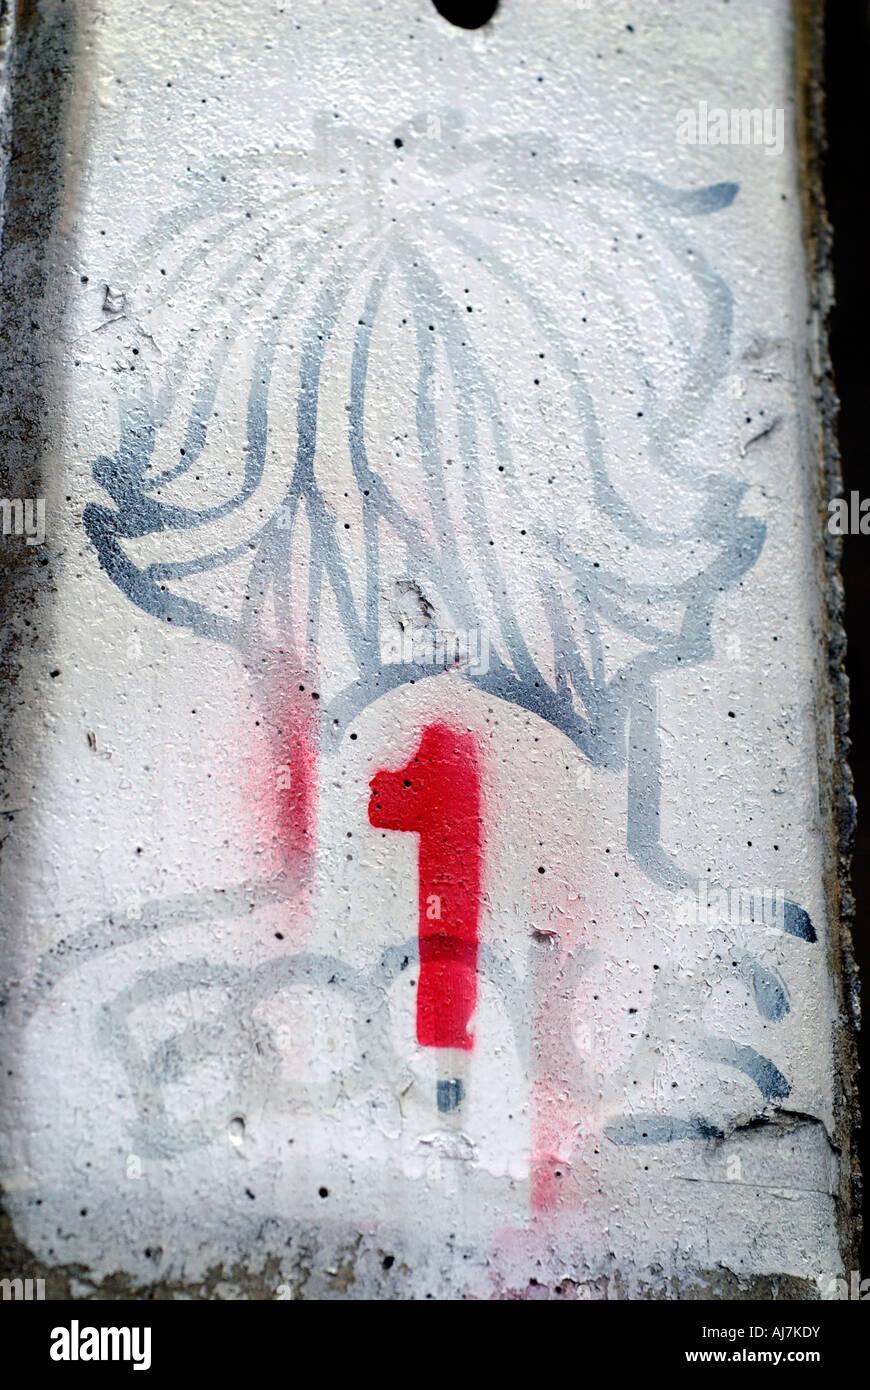 Chiffre En Tag avec le chiffre 1 graffiti sur le tag banque d'images, photo stock